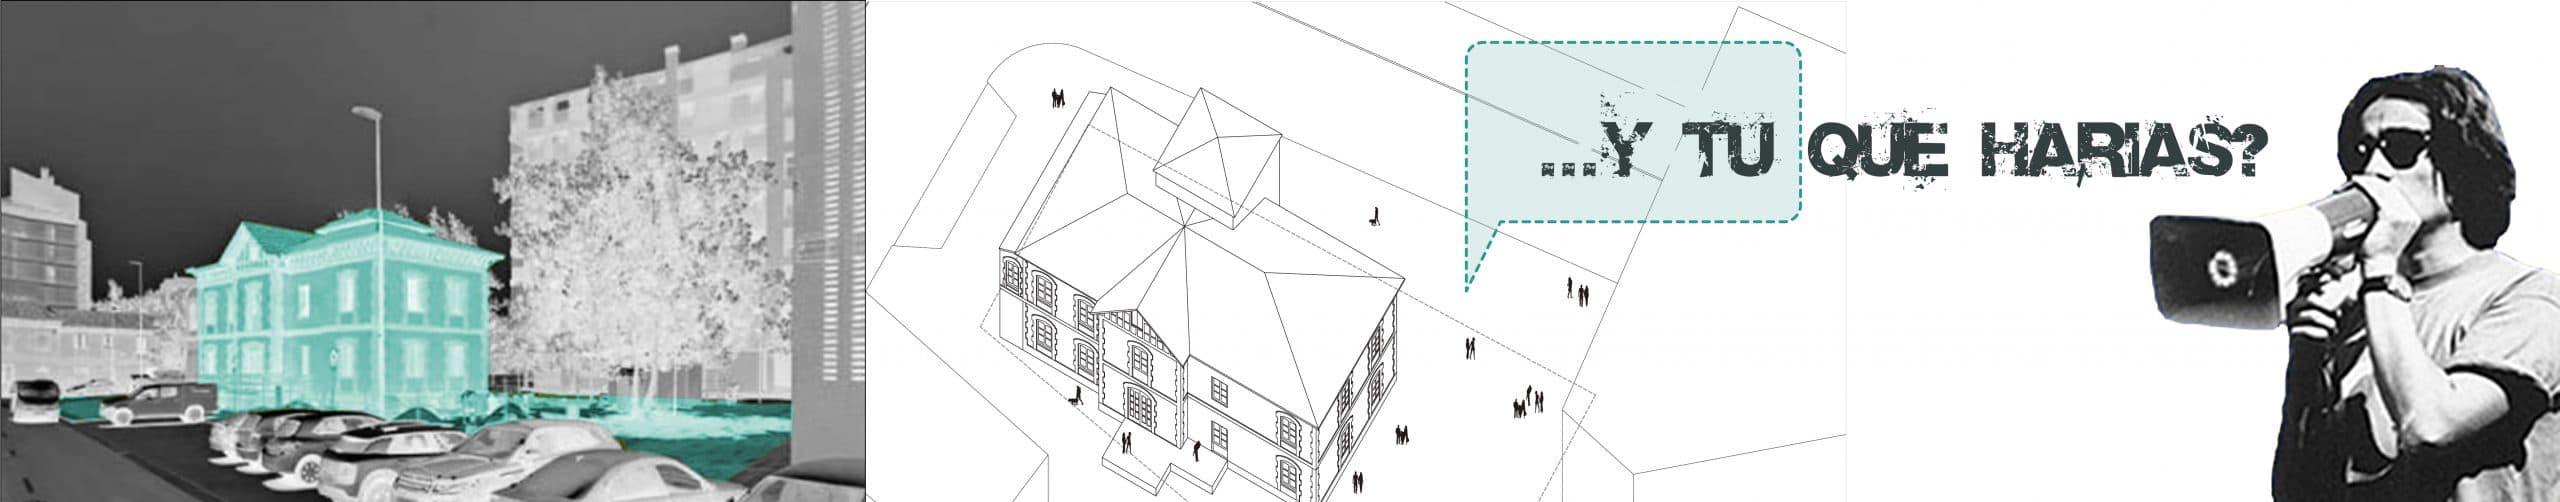 gravalosdimonte-parque-colaborativo-zaragoza-activa-espacio publico participativo